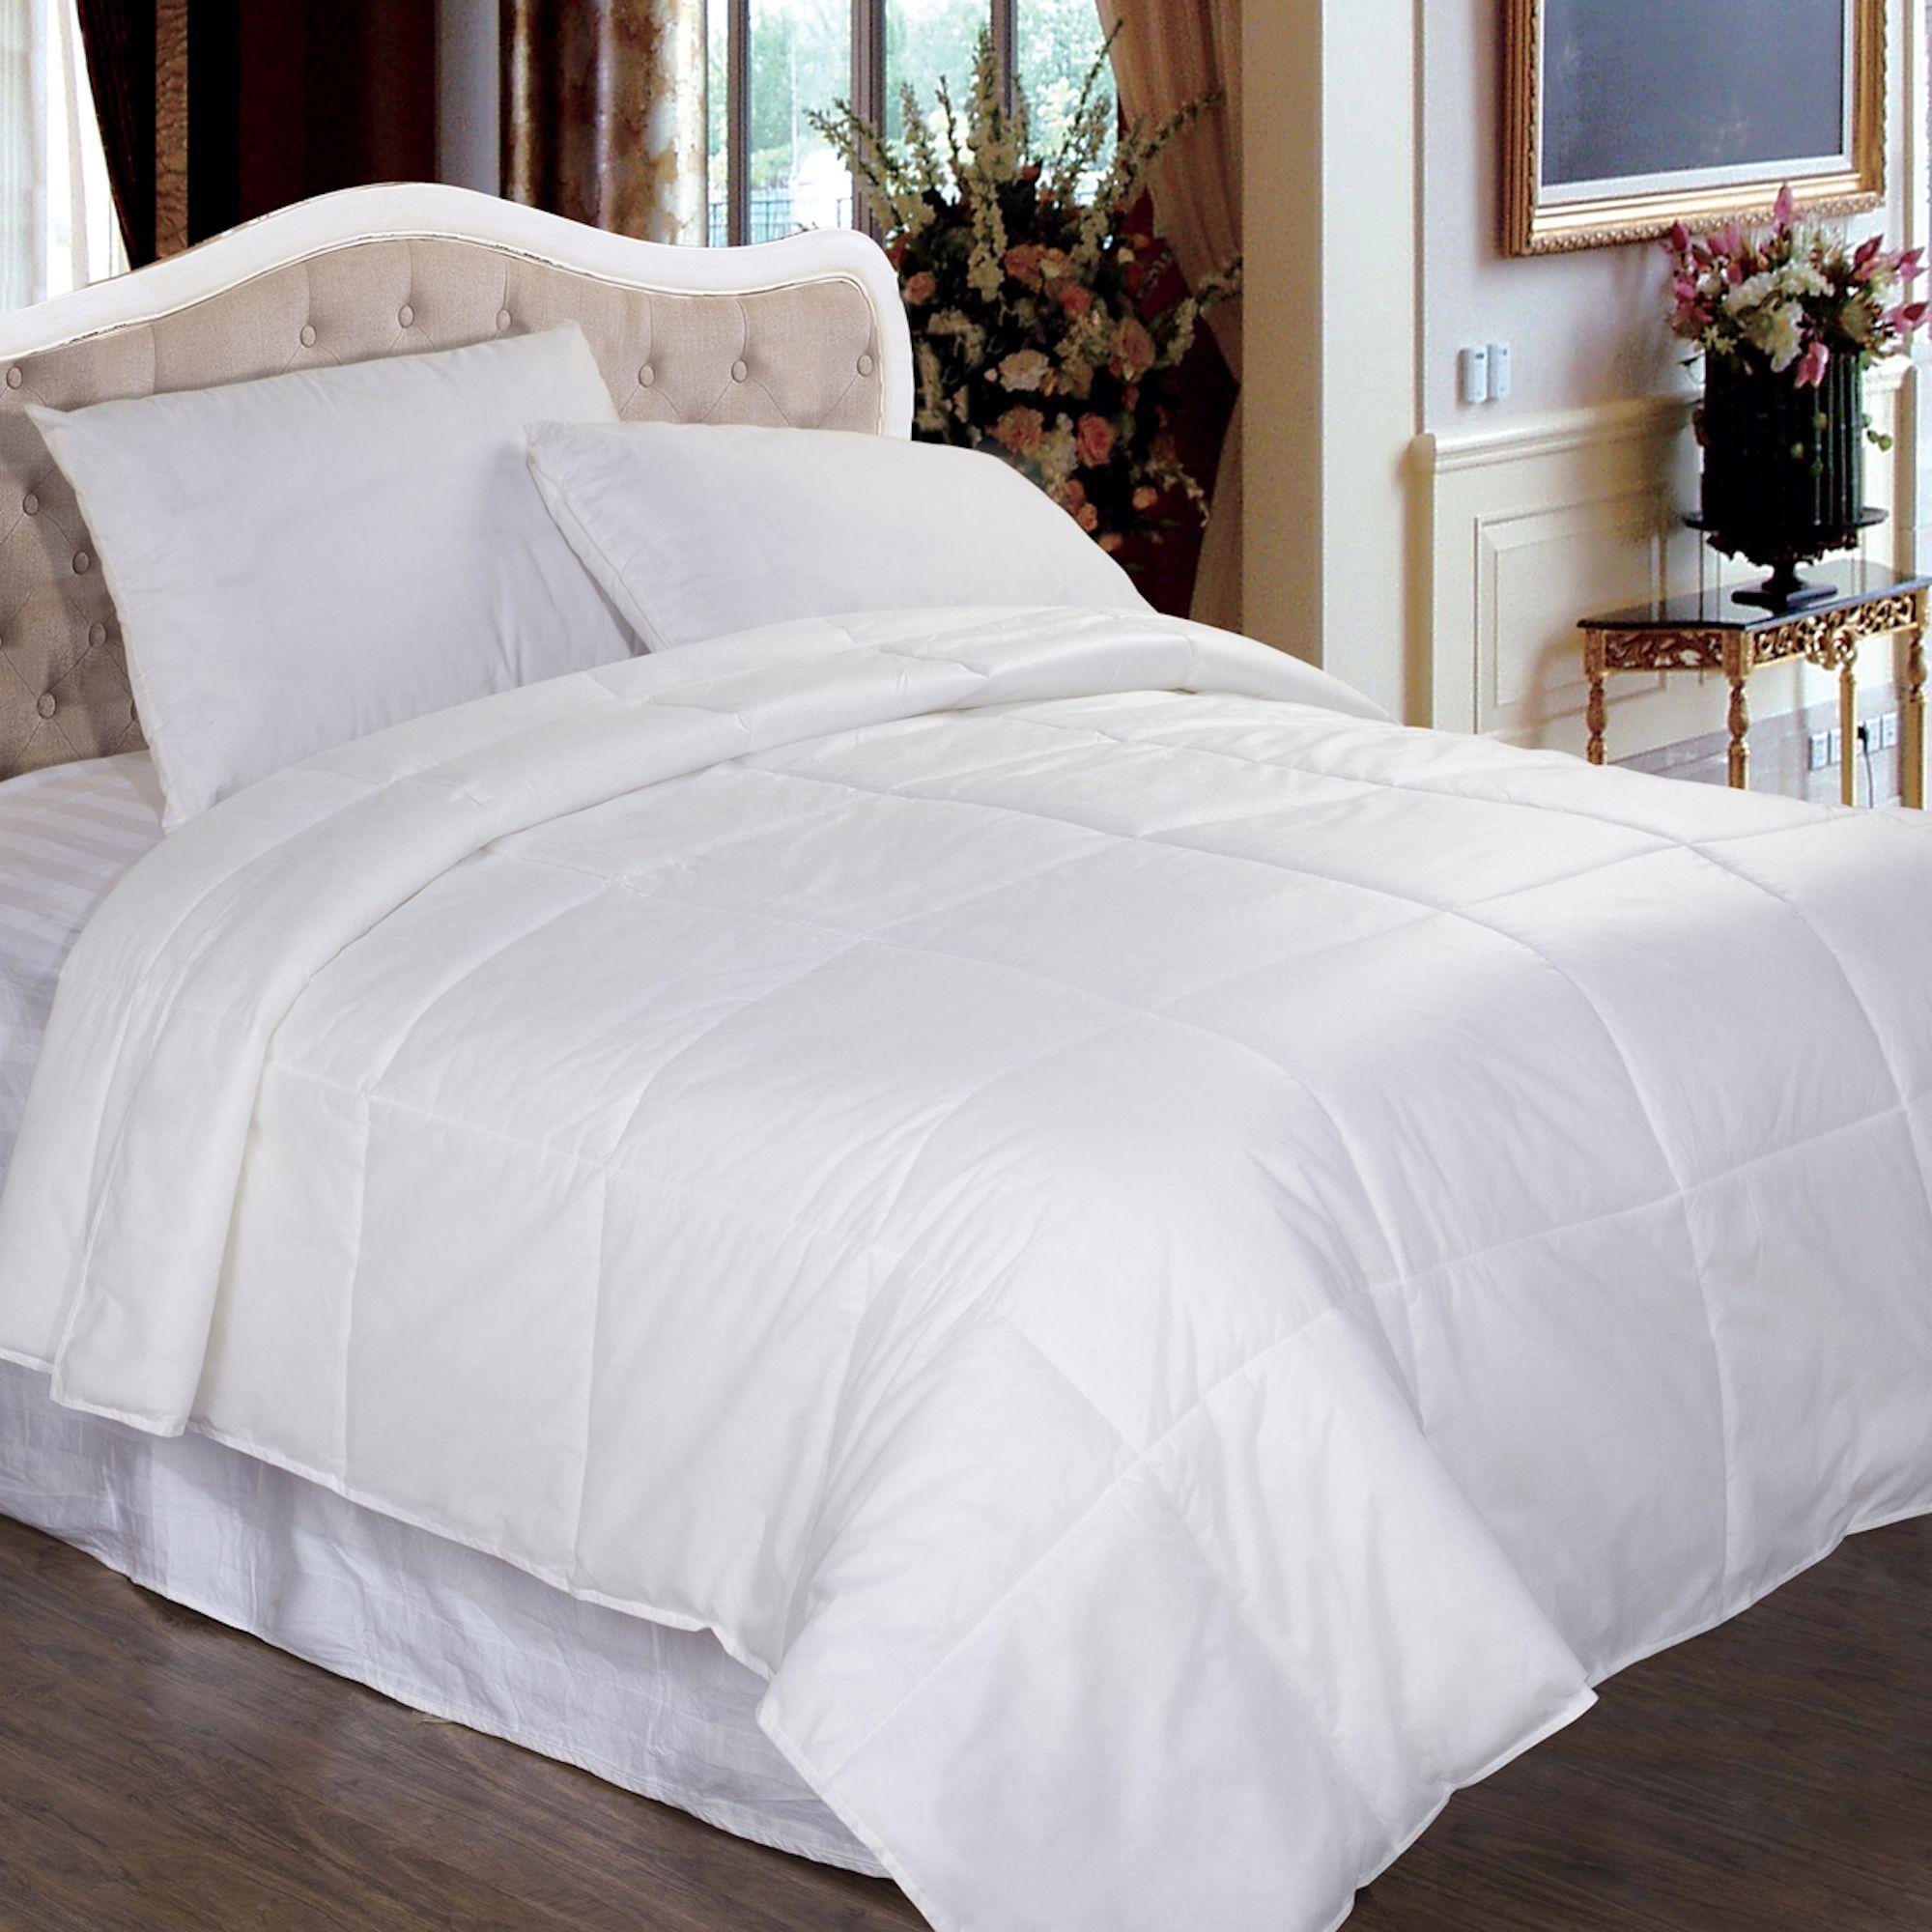 Permafresh Antibacterial Comforter Insert for Duvet Cover